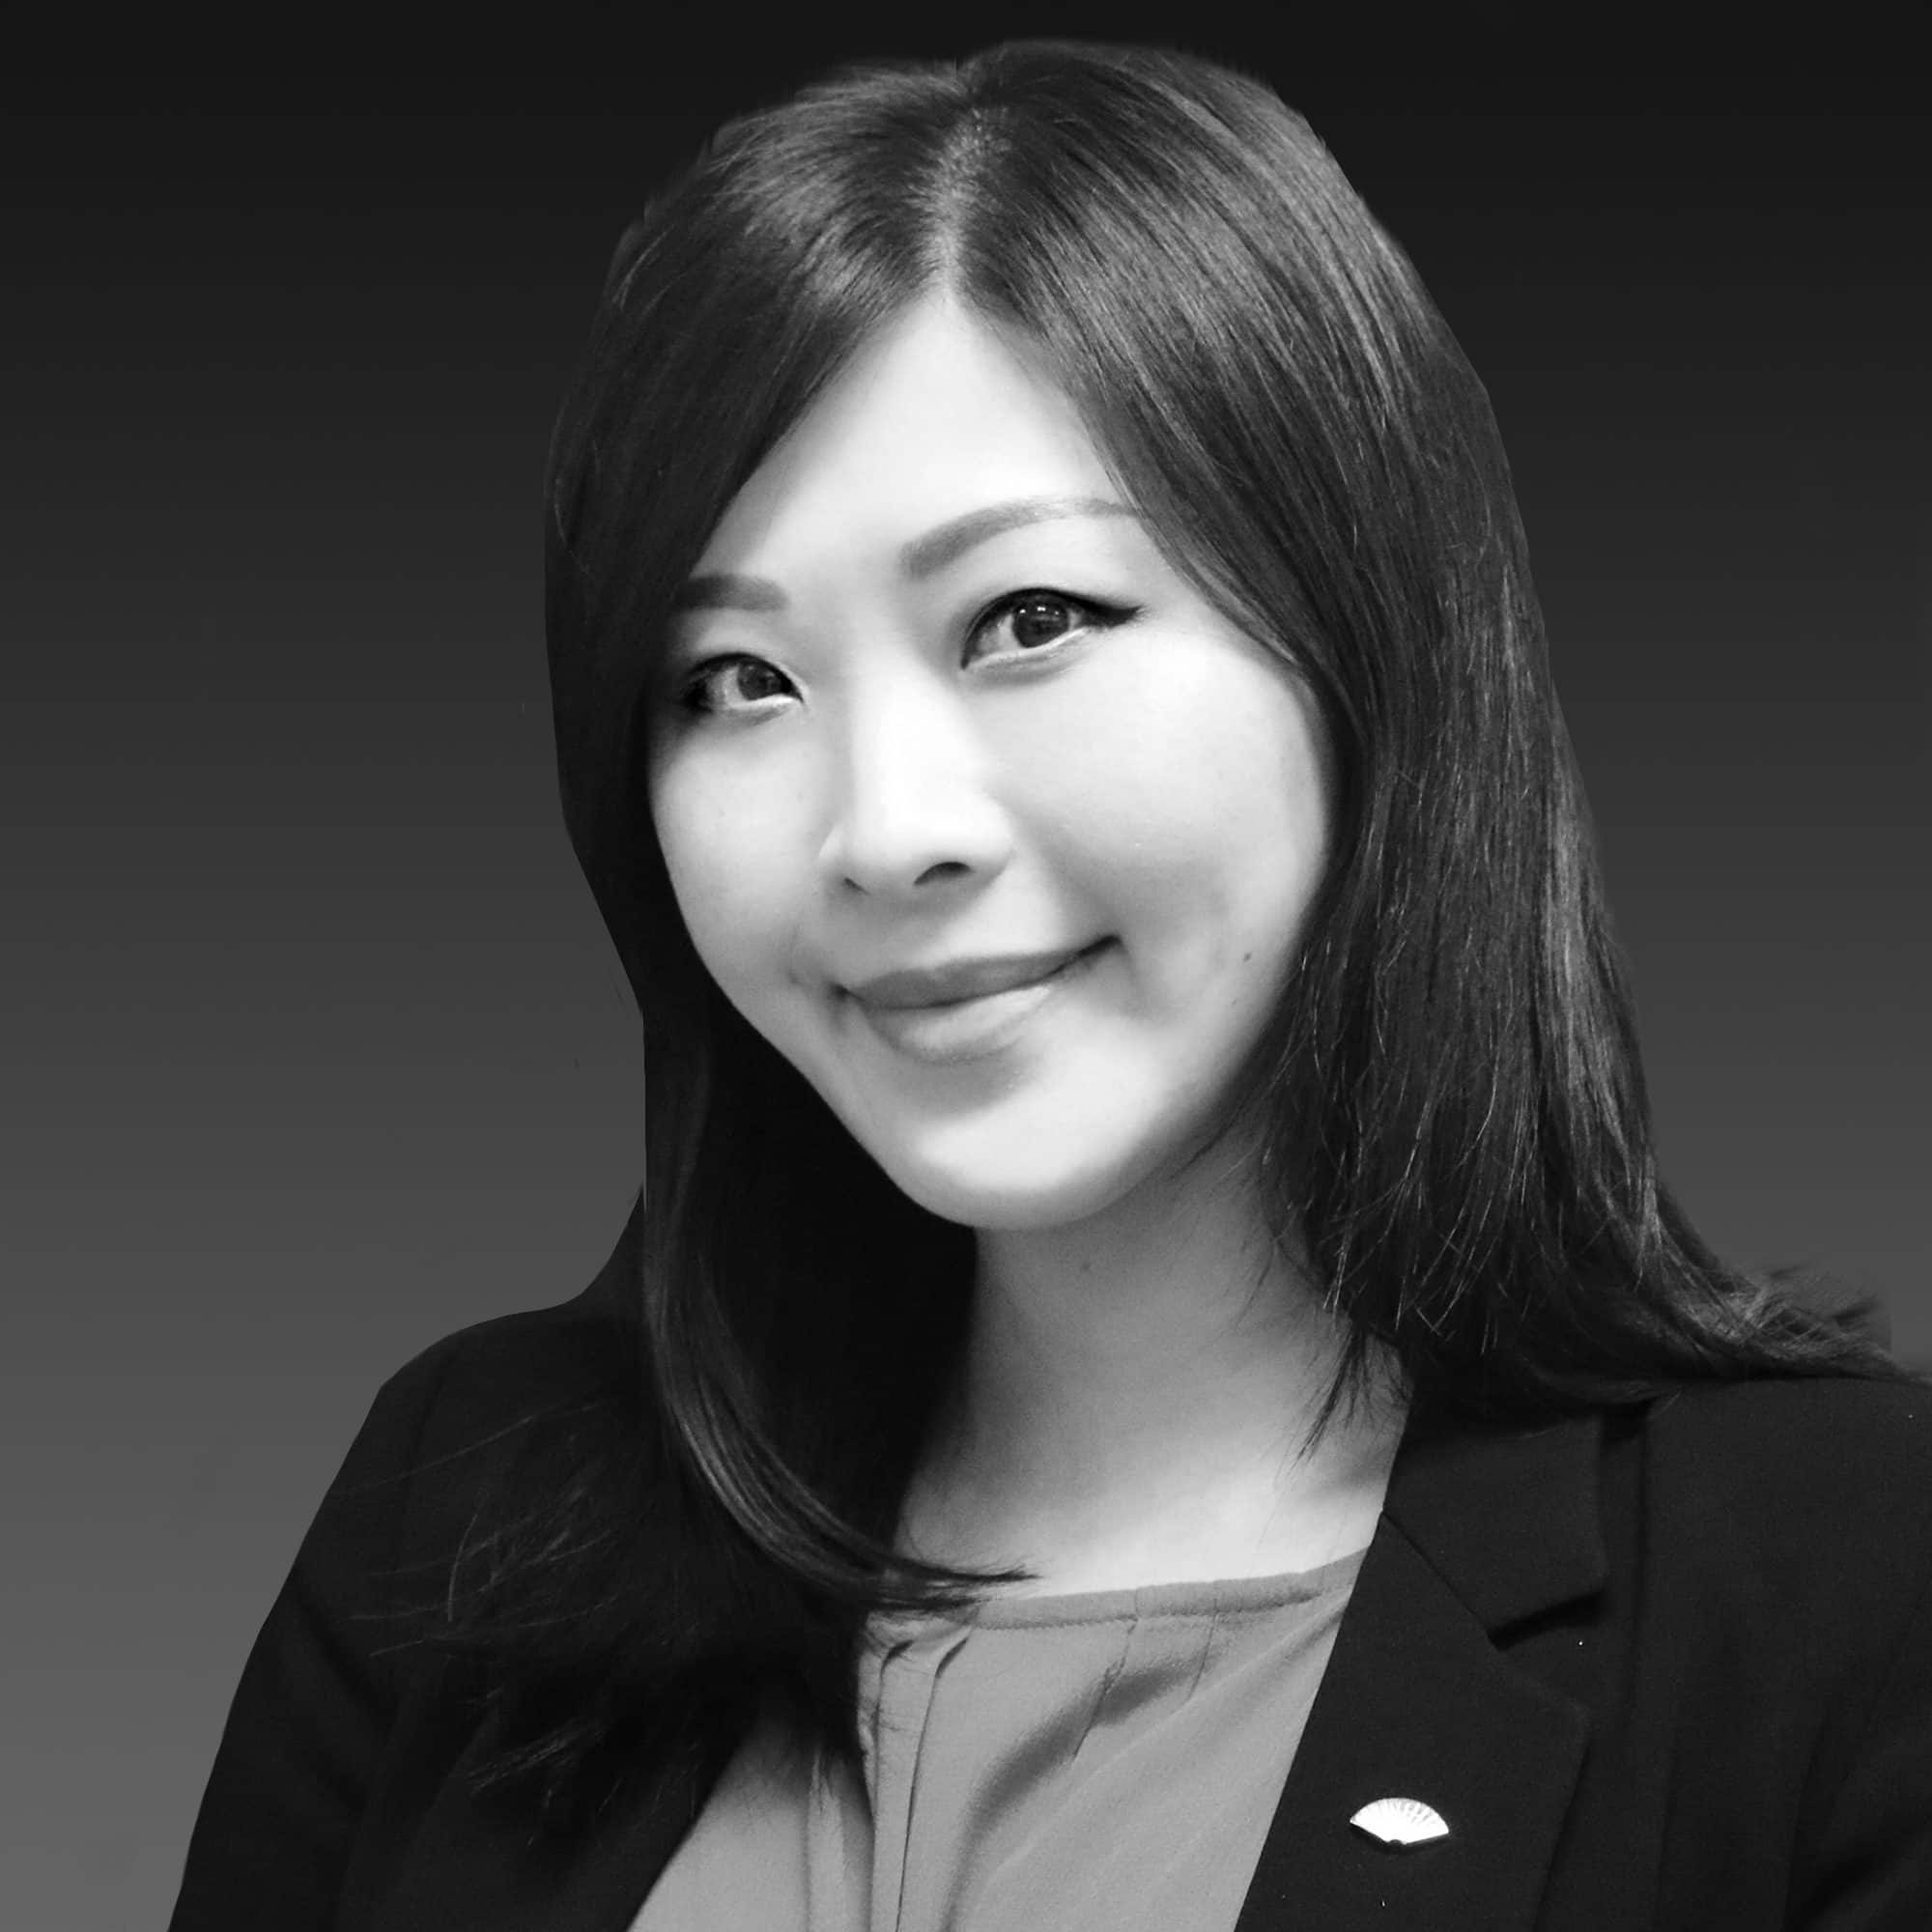 Kelly Kuo